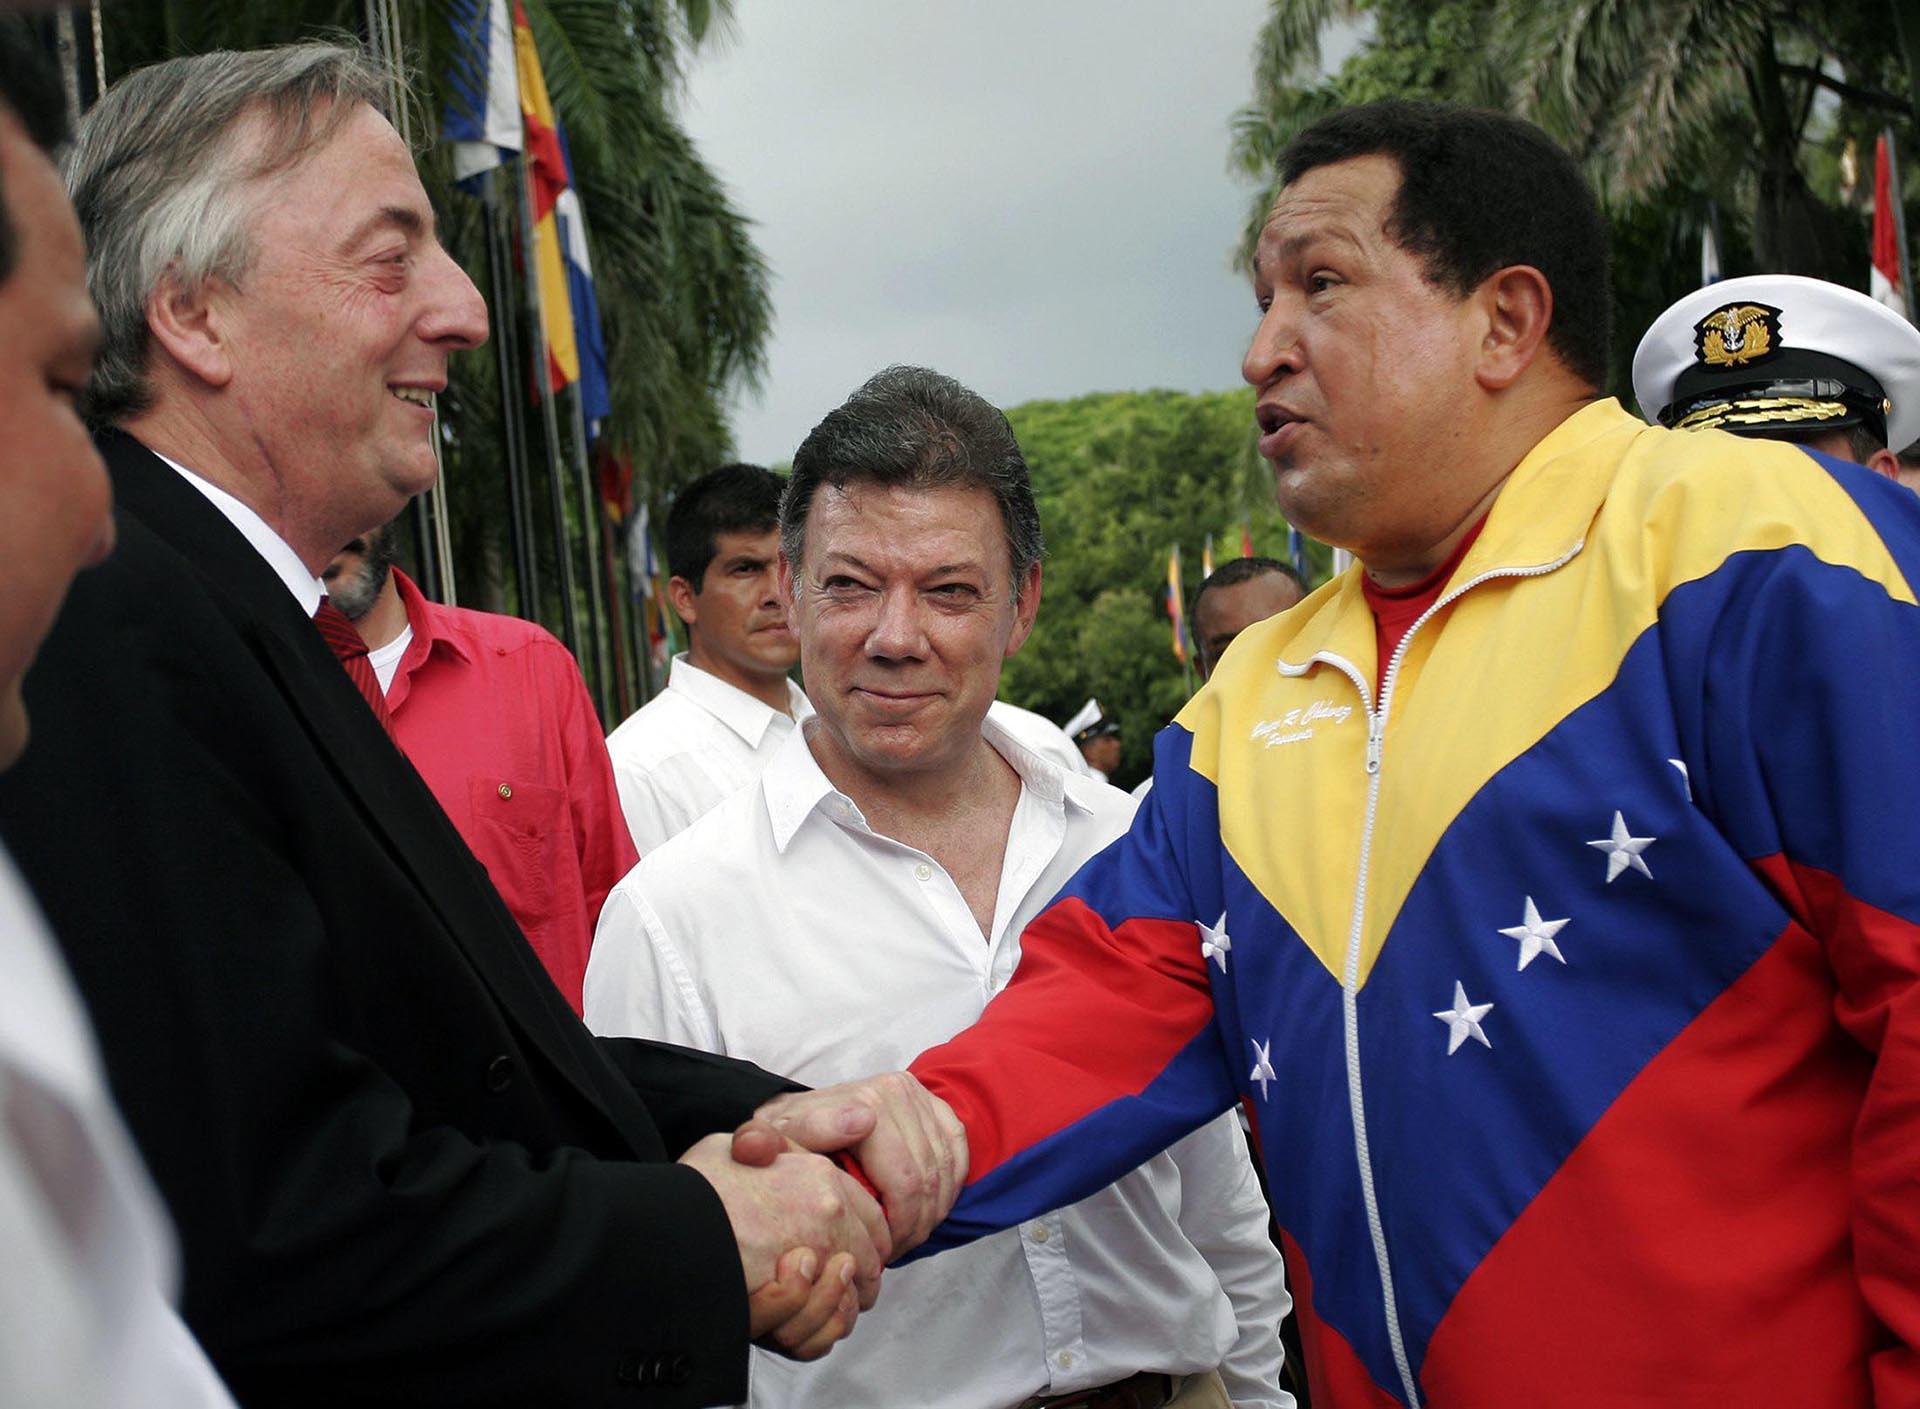 El presidente venezolano Hugo Chávez salud al Secretario General de UNASUR, Néstor Kirchner, mientras el Presidente de Colombia, Juan Manuel Santos mira la Quinta de San Pedro Alejandrino en Santa Marta, Magdalena Departamento, el 10 de agosto de 2010.